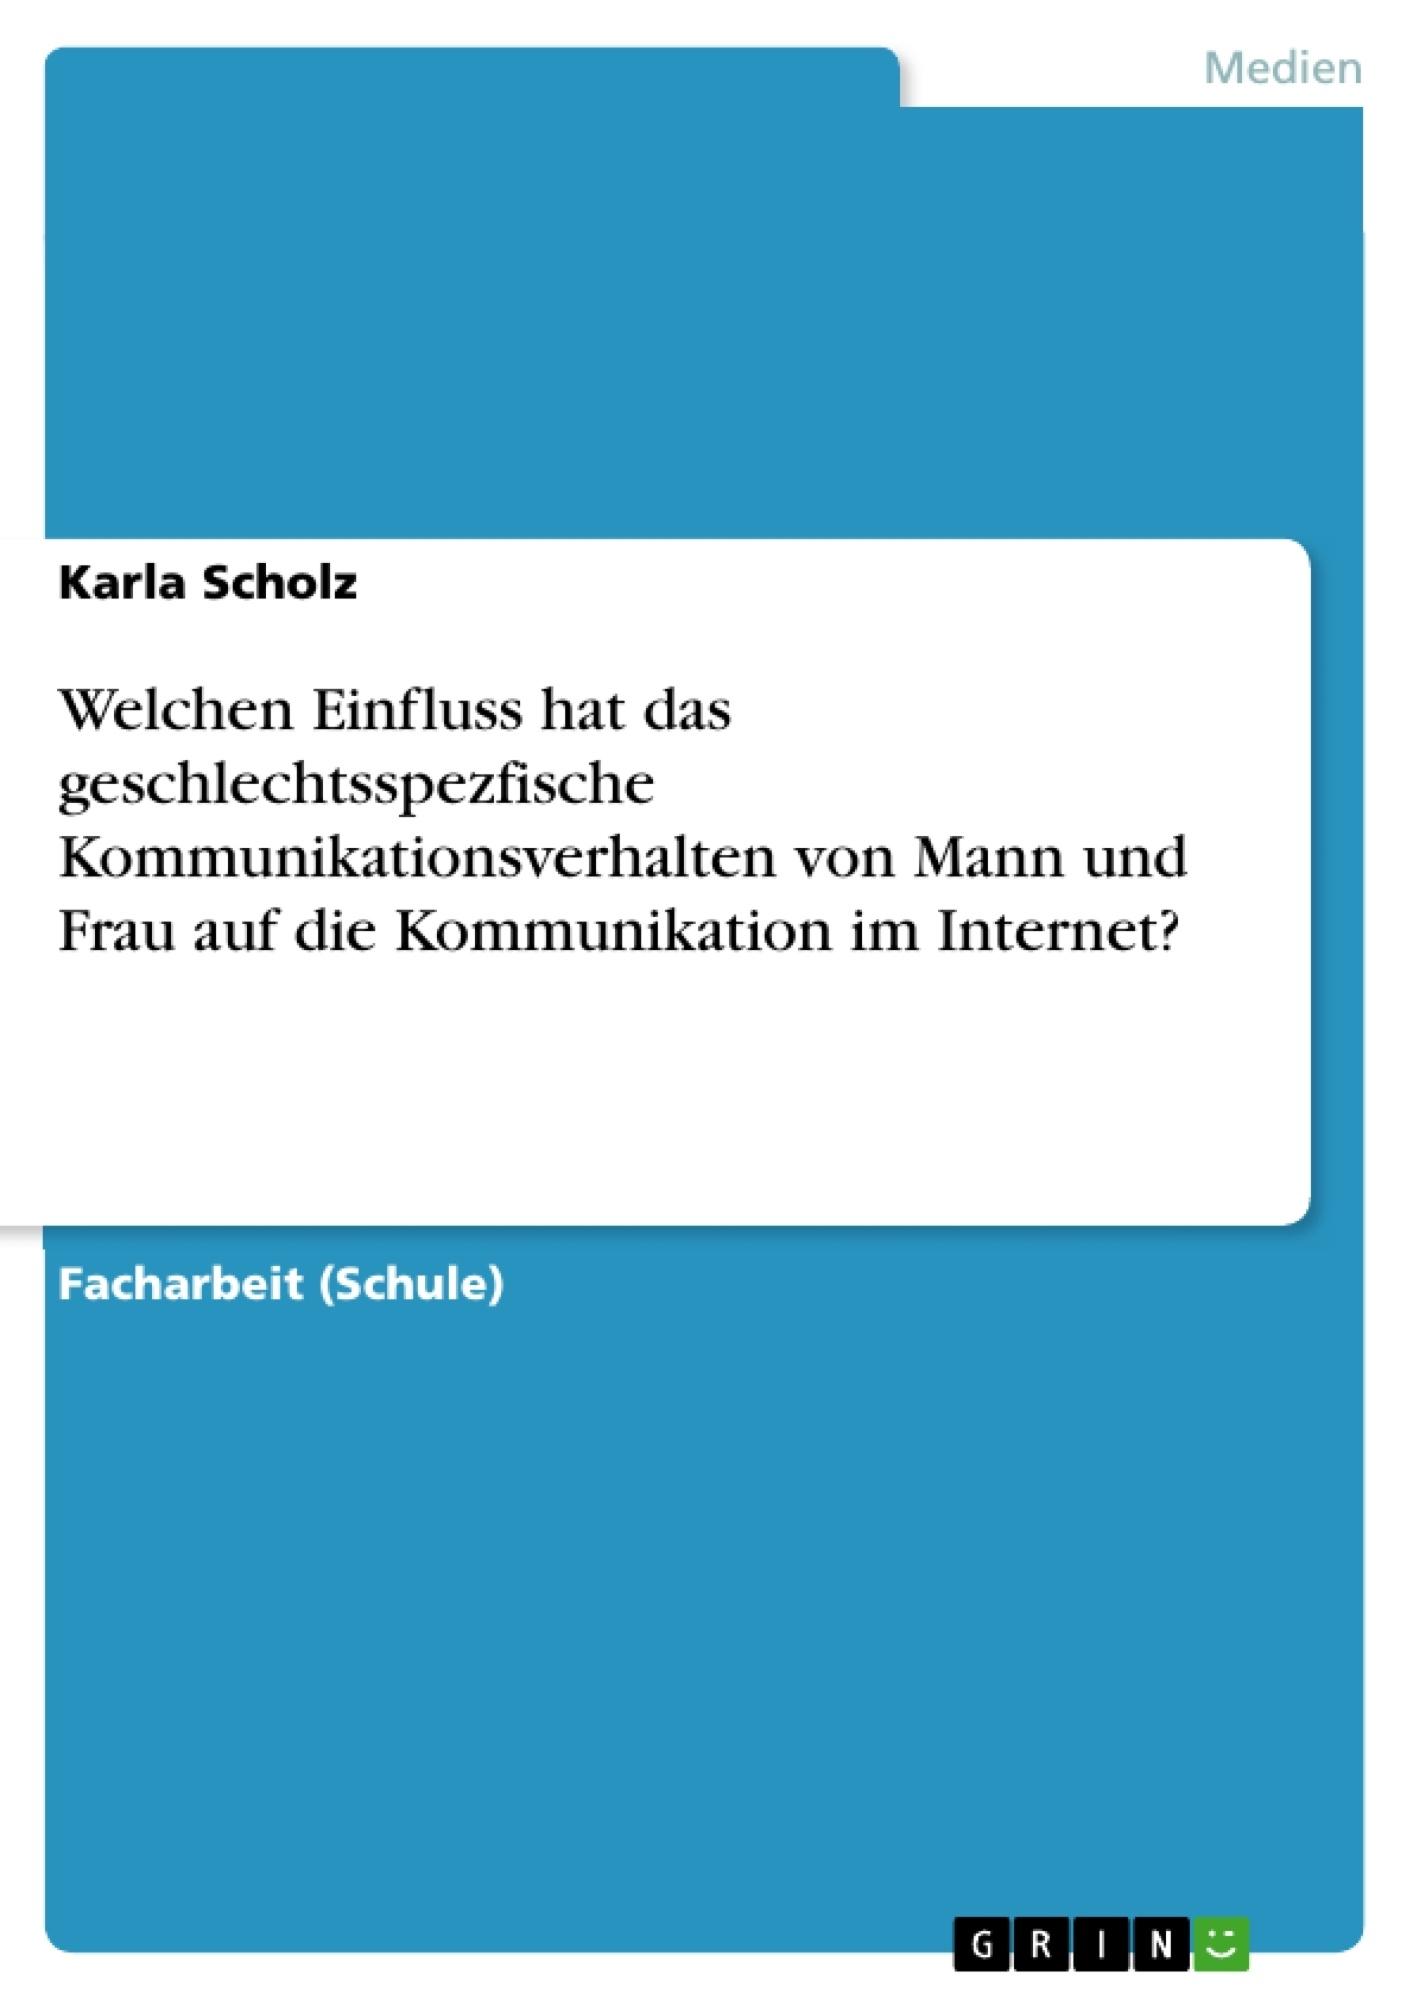 Titel: Welchen Einfluss hat das geschlechtsspezfische Kommunikationsverhalten von Mann und Frau auf die Kommunikation im Internet?